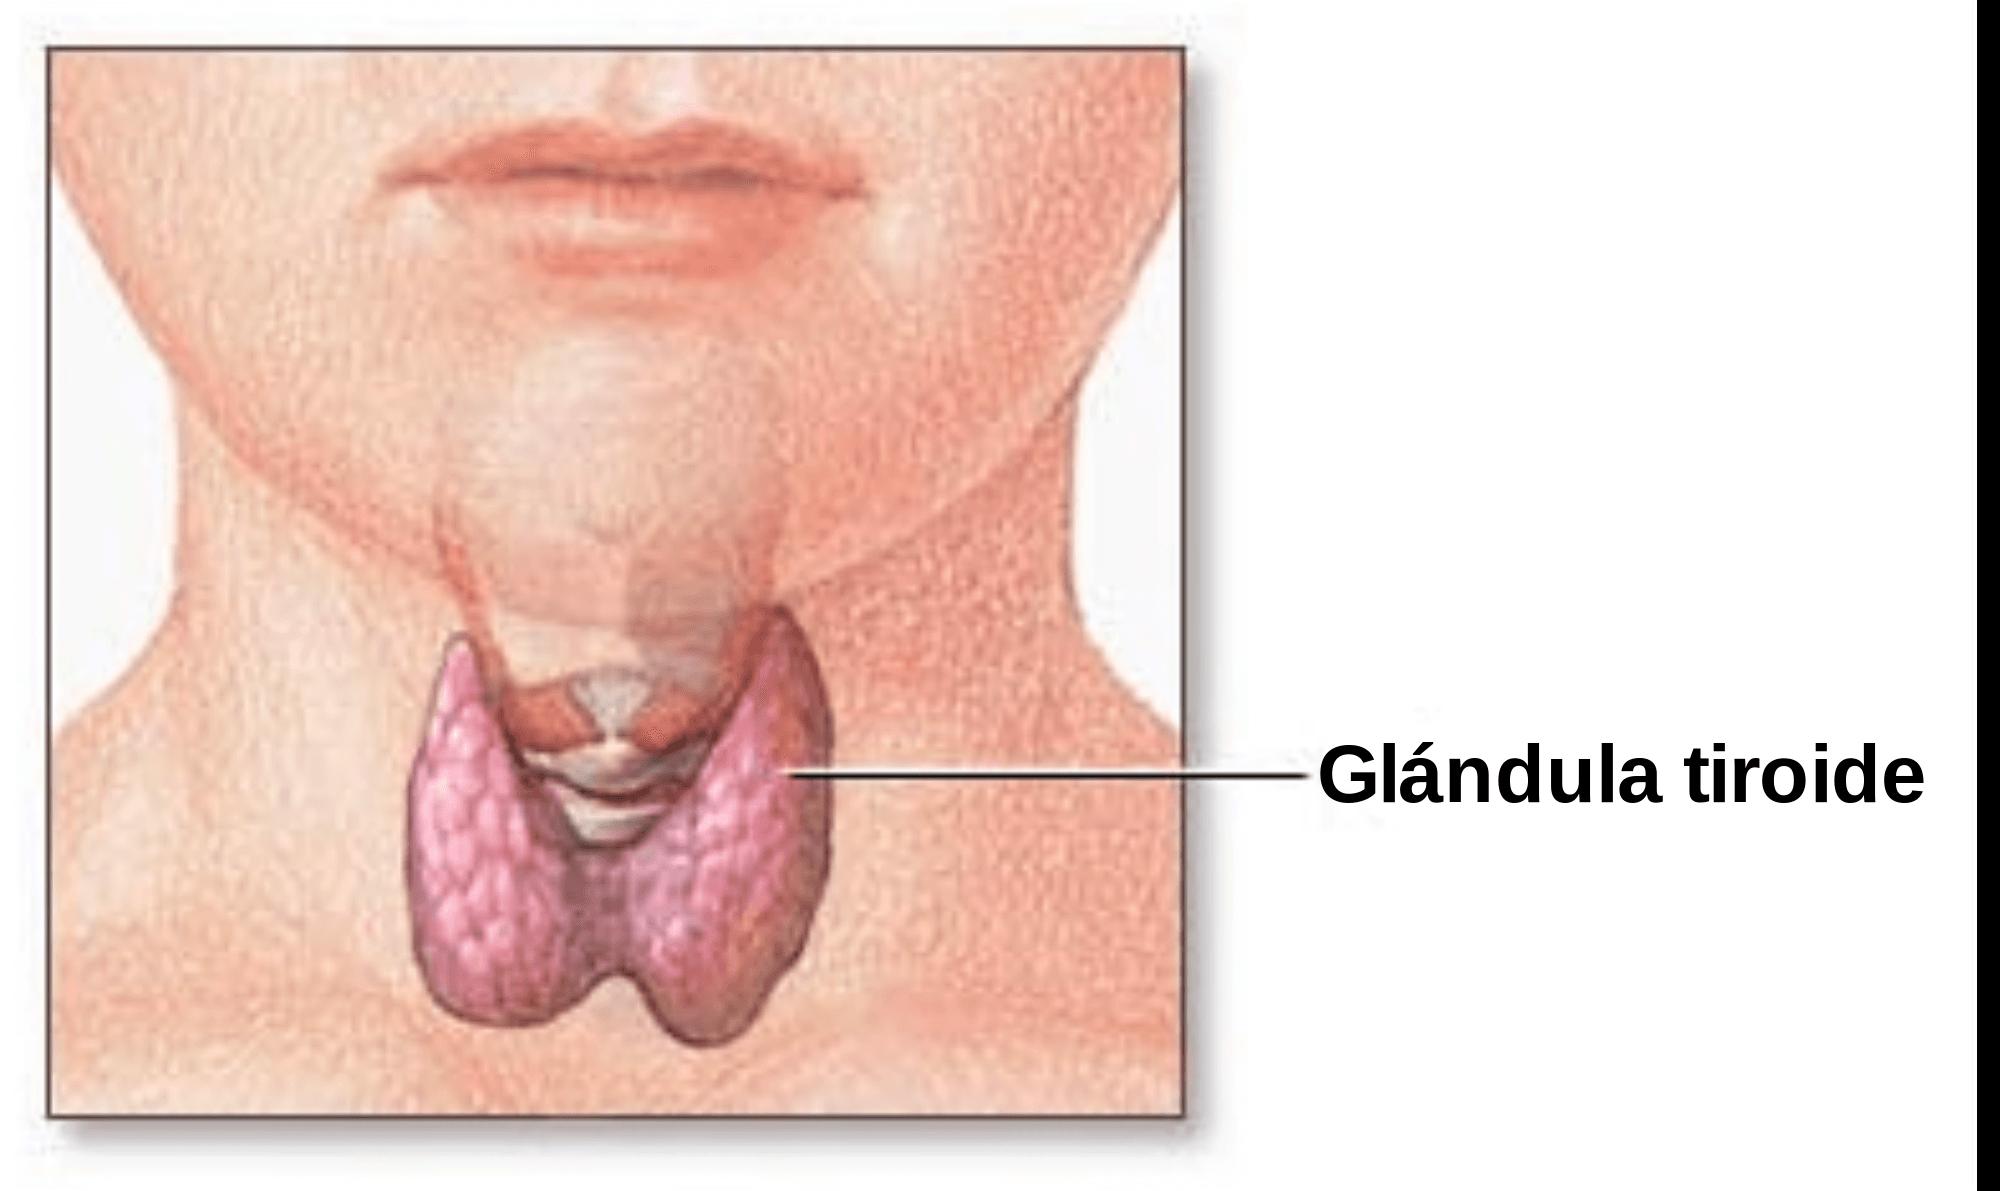 Glandula da tiroide